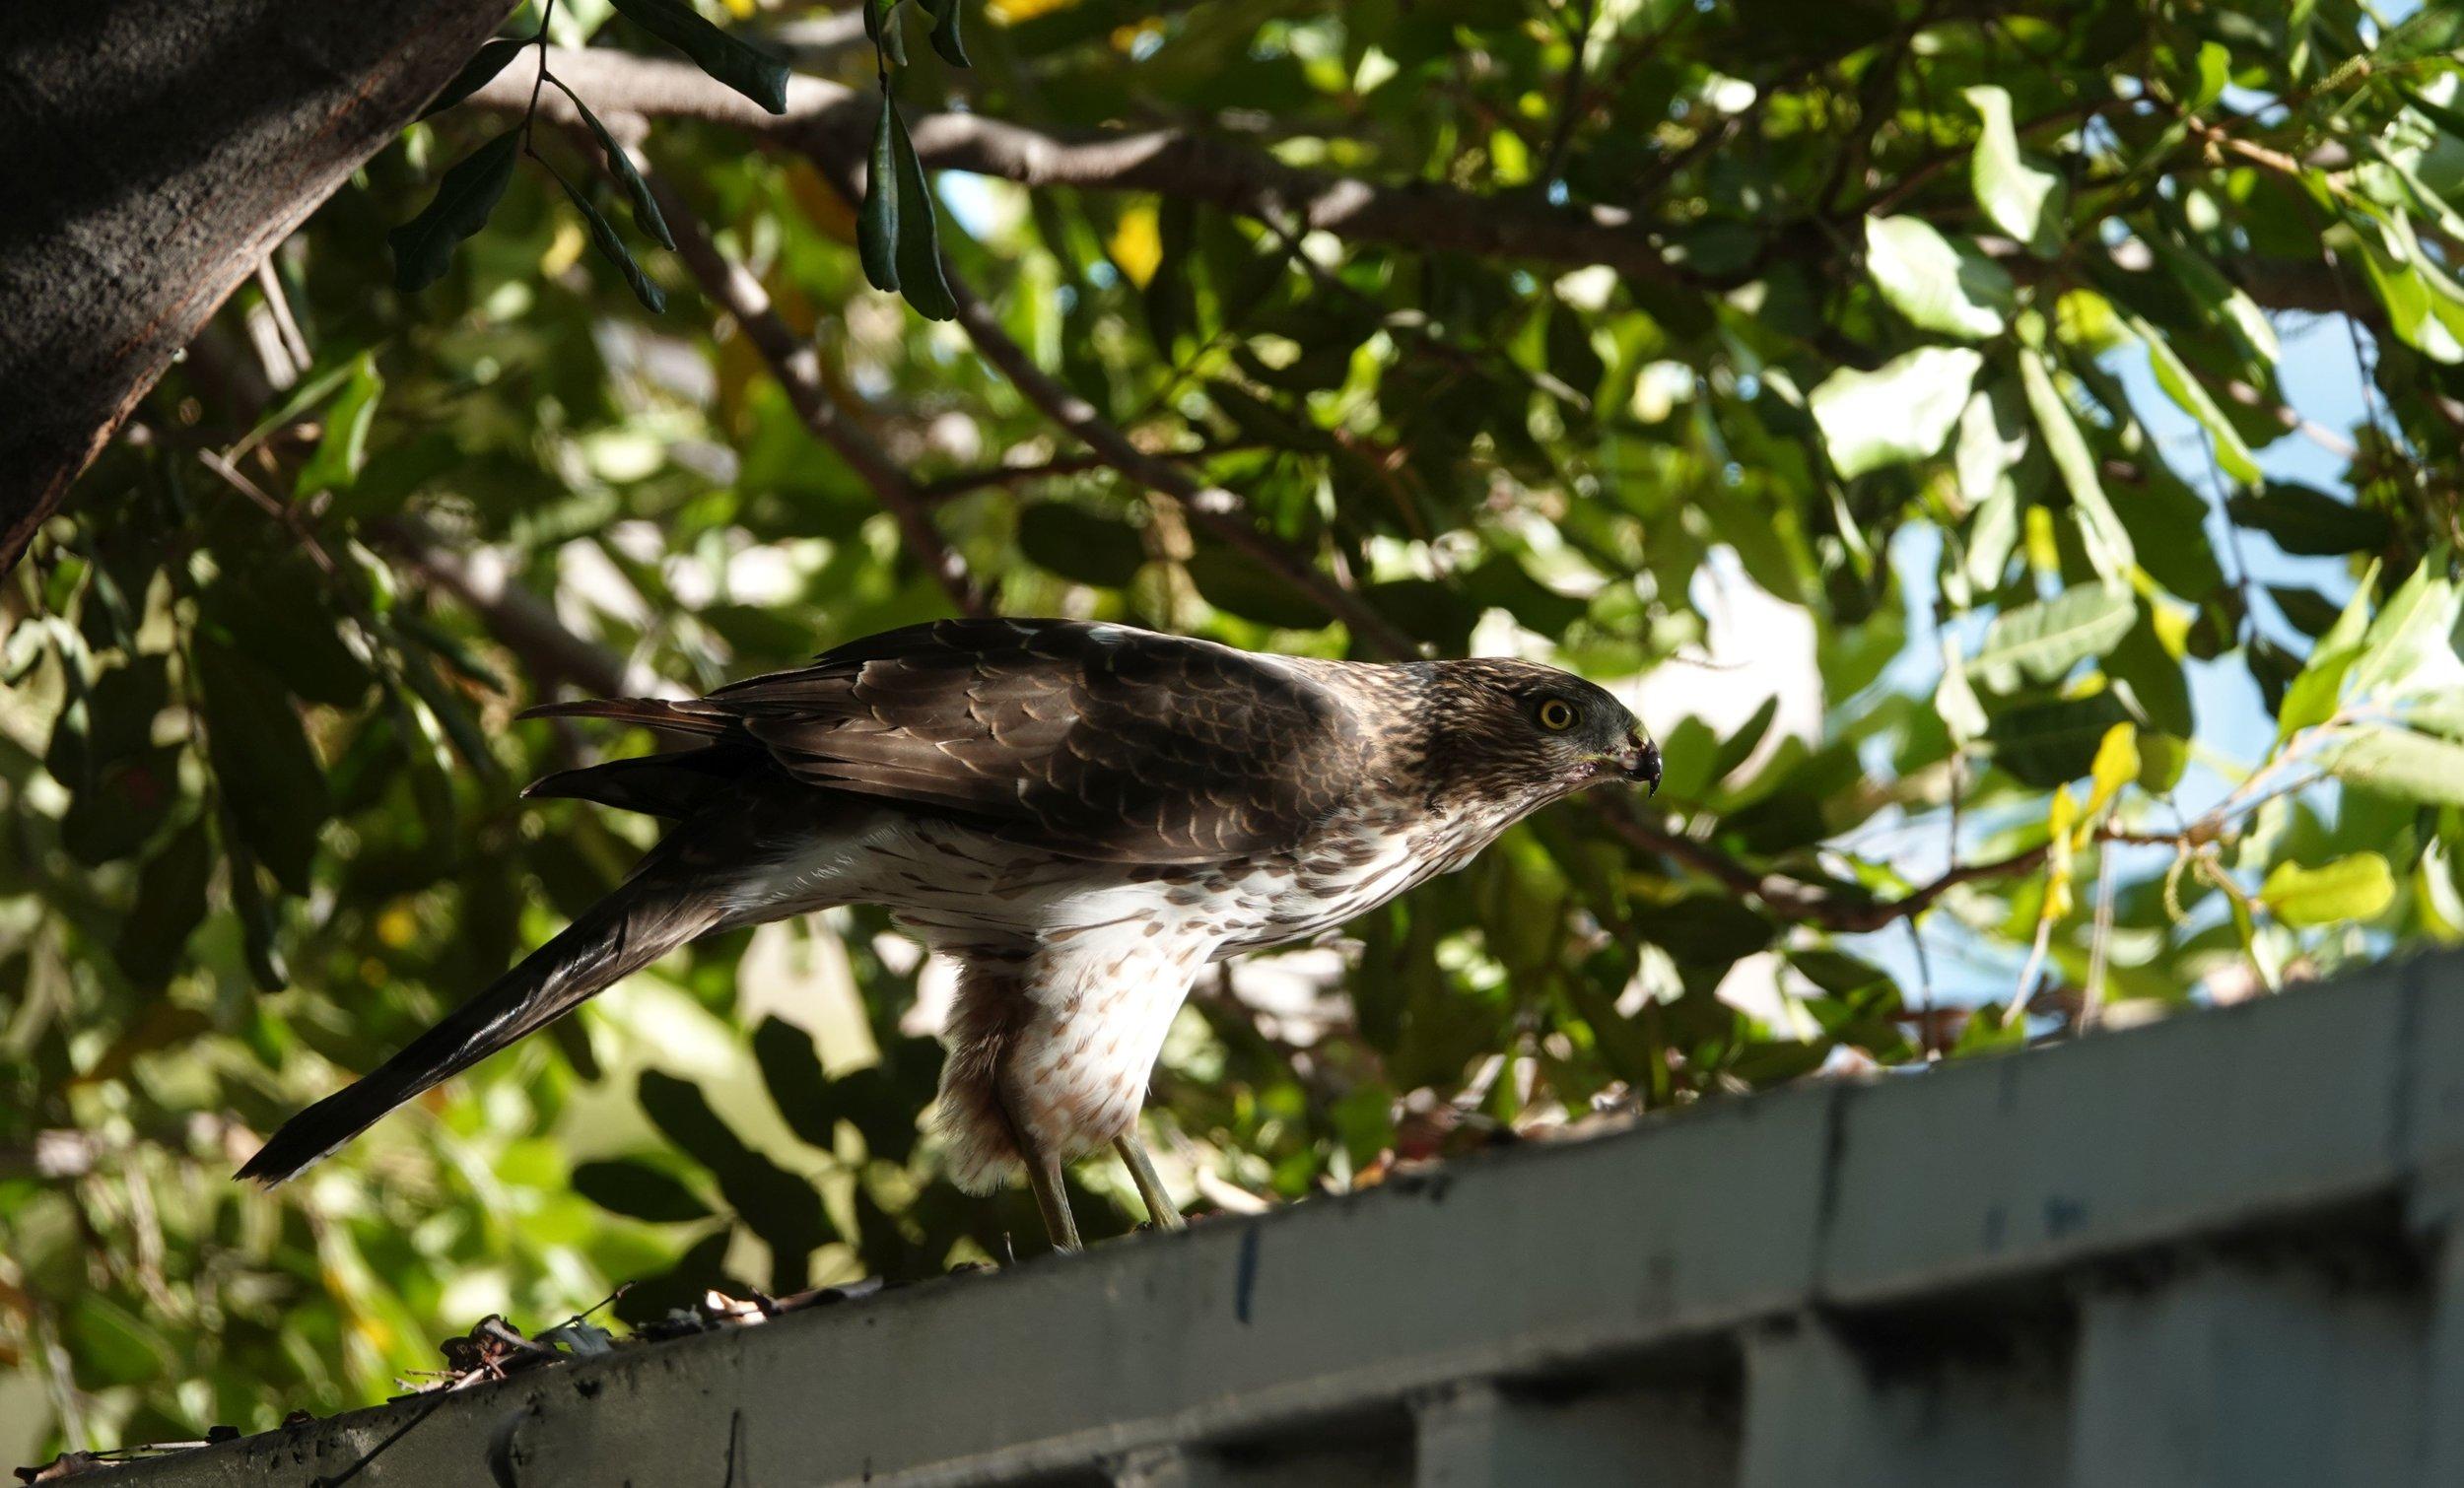 Cooper's Hawk on metal bin eating Rock Pigeon Esperanza 11.07.17.jpg